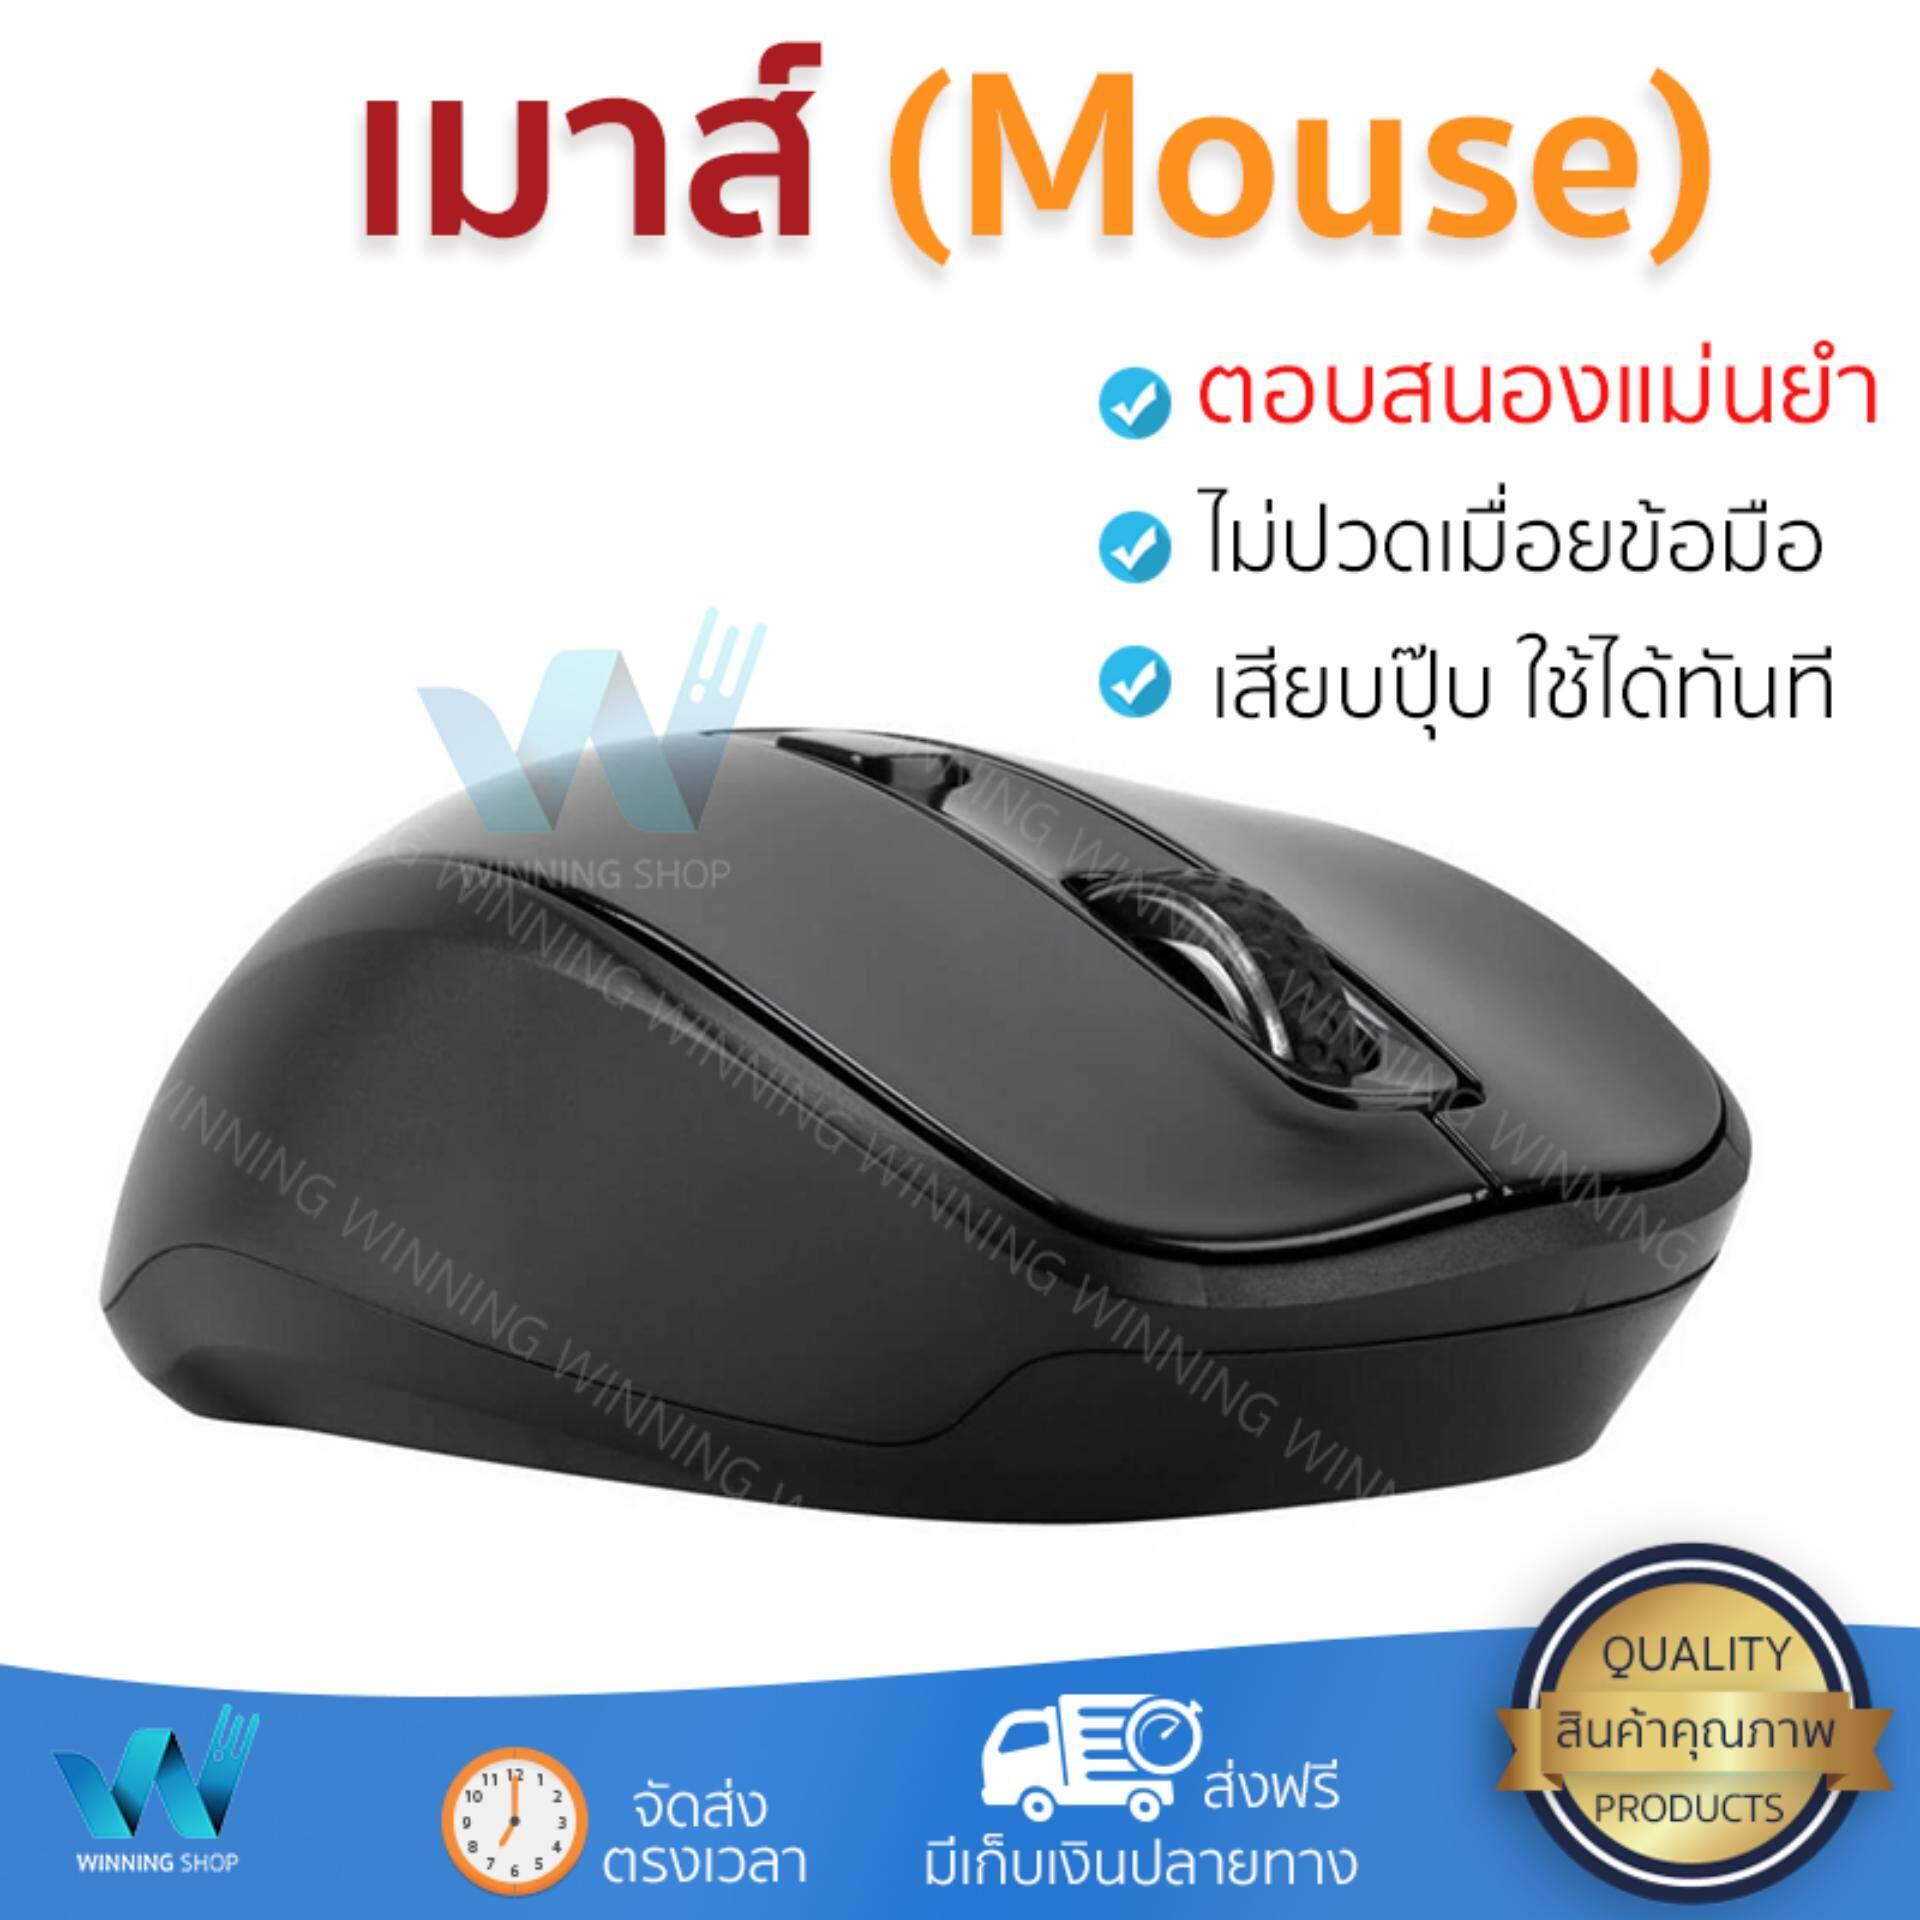 ขายดีมาก! รุ่นใหม่ล่าสุด เมาส์           TARGUS Wireless Mouse (Black) AMW605AP             เซนเซอร์คุณภาพสูง ทำงานได้ลื่นไหล ไม่มีสะดุด Computer Mouse  รับประกันสินค้า 1 ปี จัดส่งฟรี Kerry ทั่วประเทศ